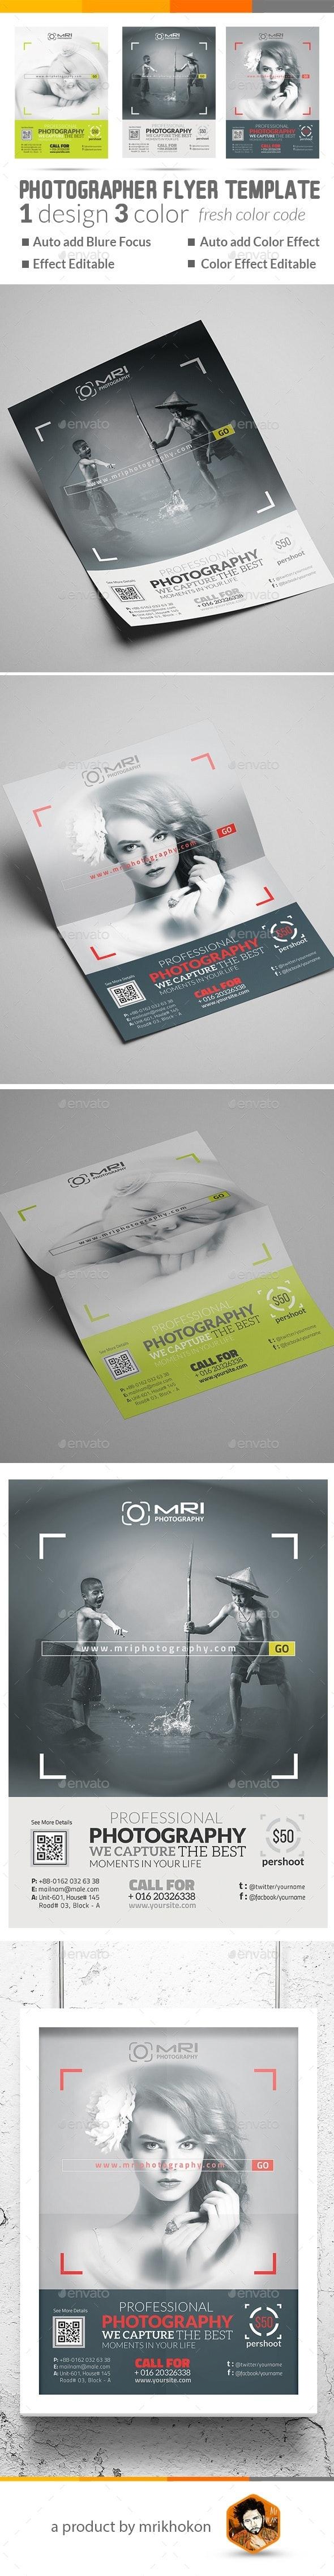 Photographer Flyer - Flyers Print Templates